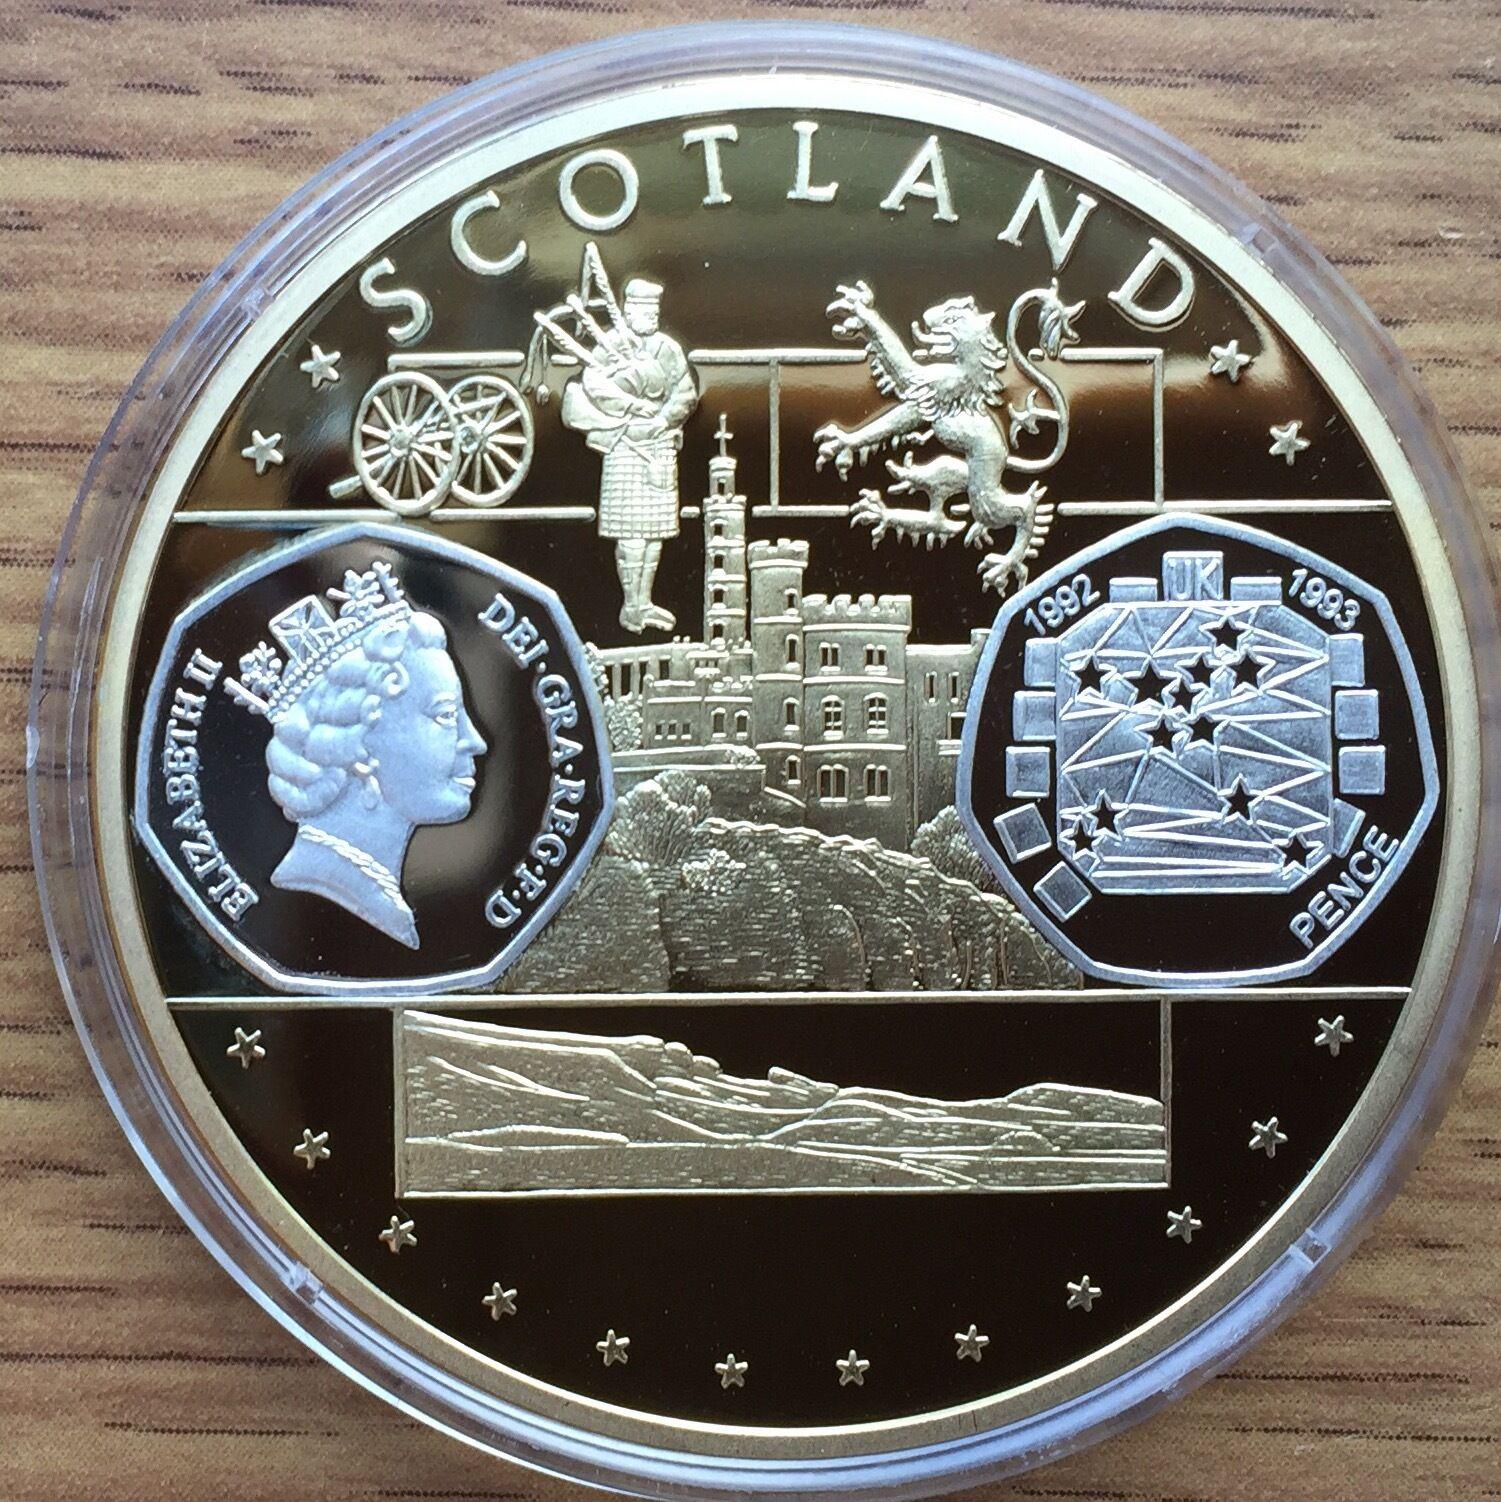 Aylesbury Coins